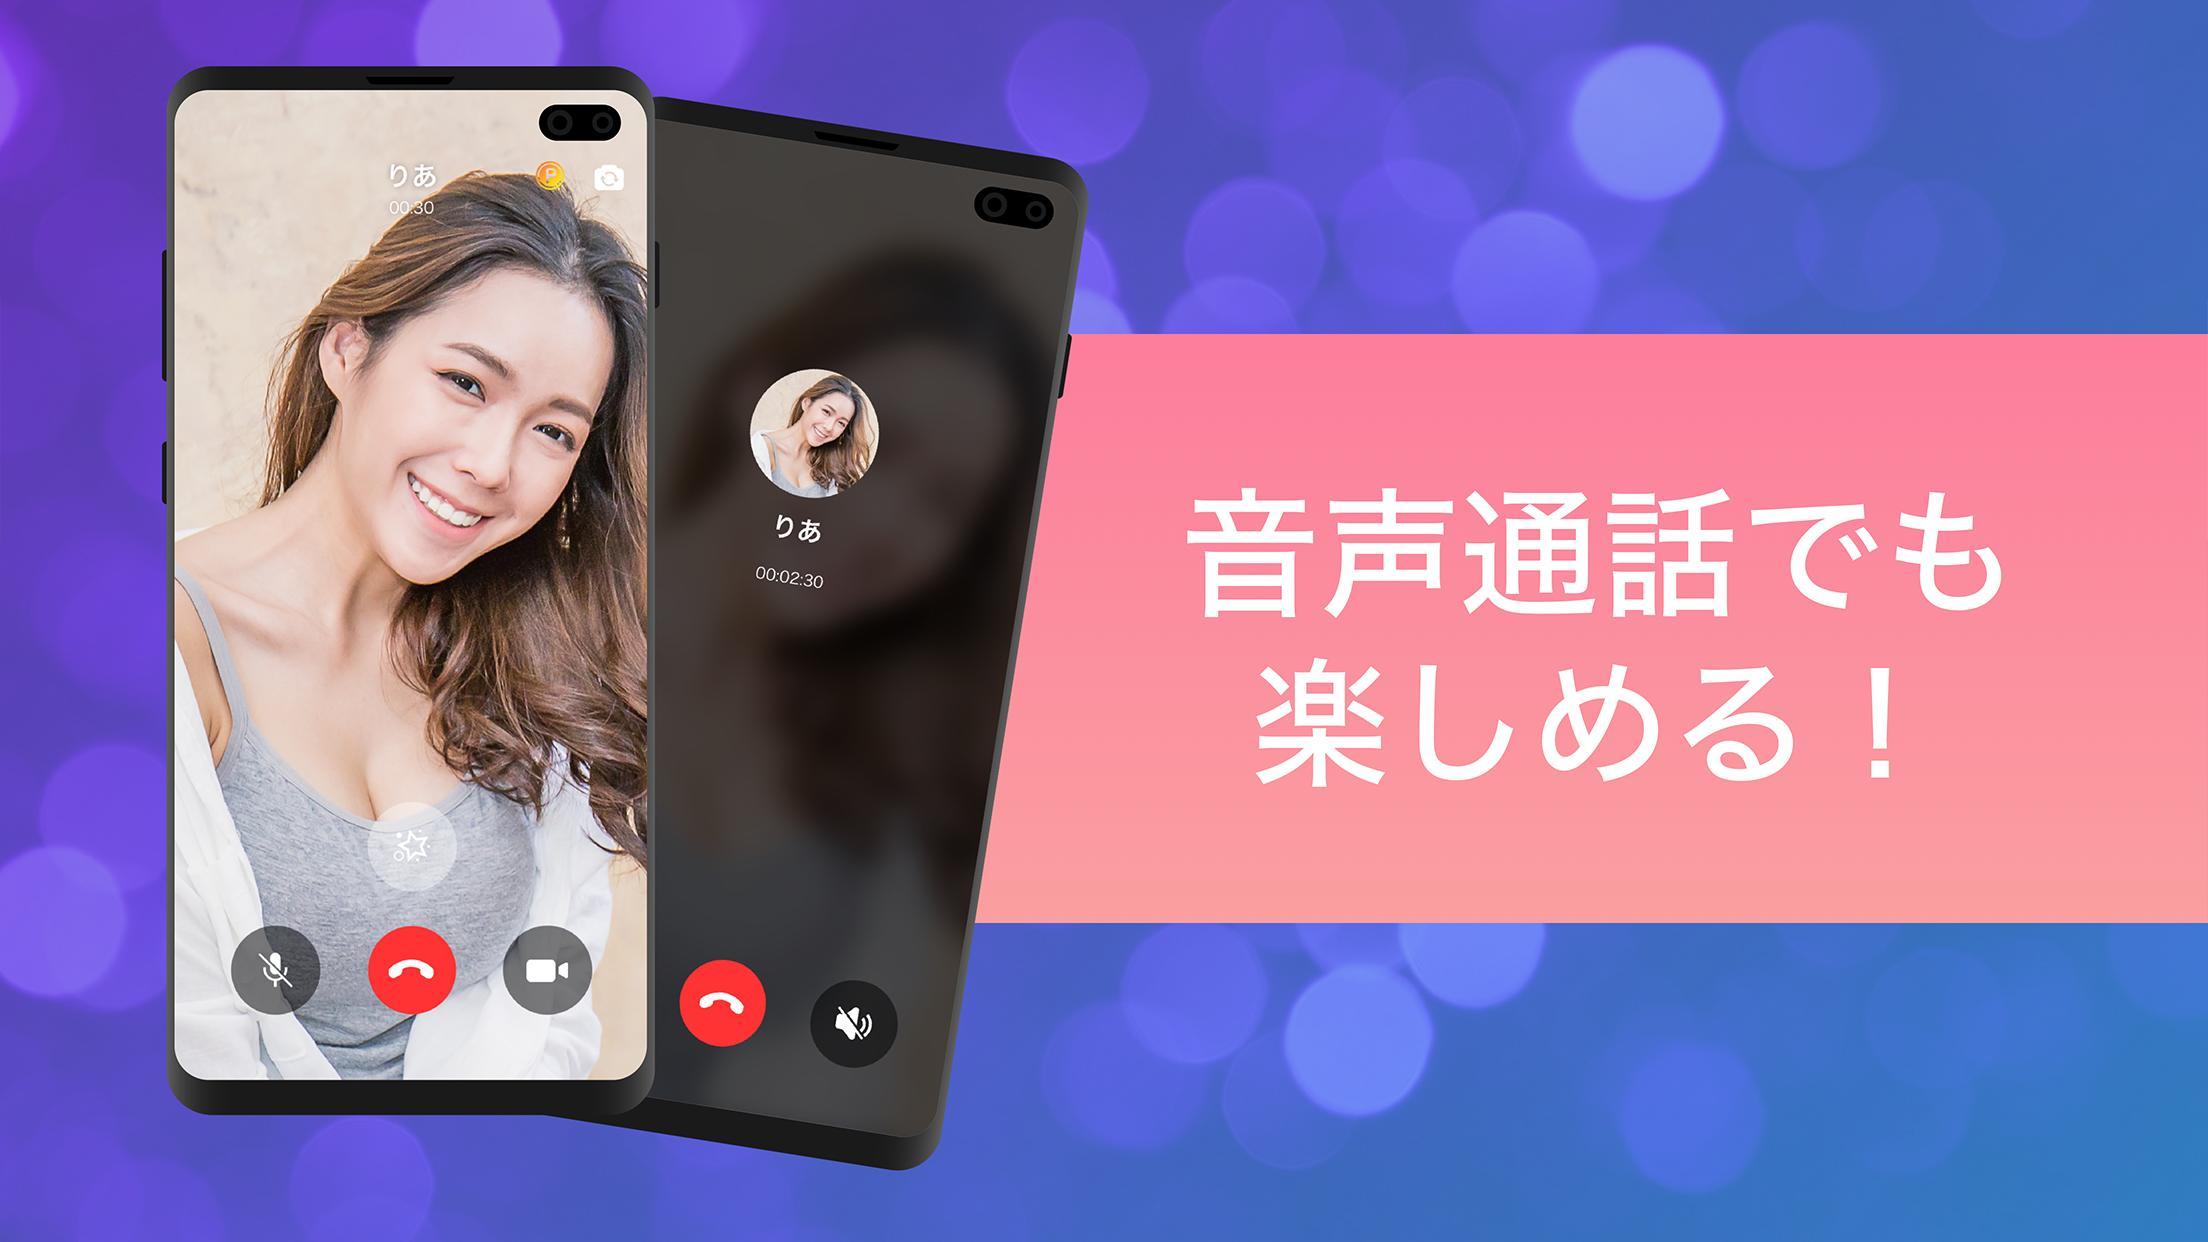 【無料ポイント獲得方法-LAND編】可愛い・美人の一般女性の利用率が高いエロライブチャットアプリ